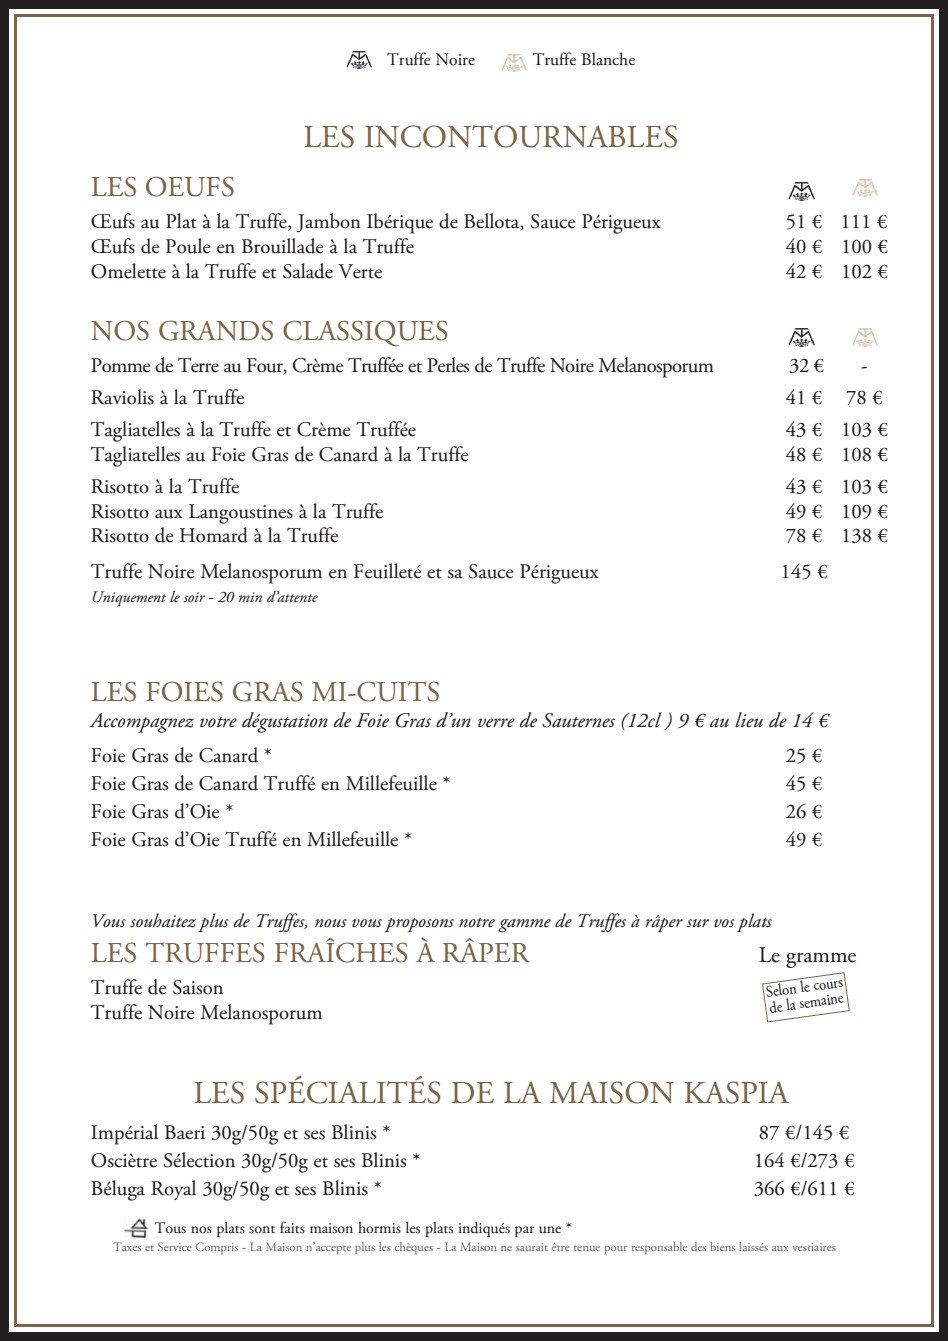 La maison de la truffe paris 9 carte menu et photos - Maison des truffes paris ...